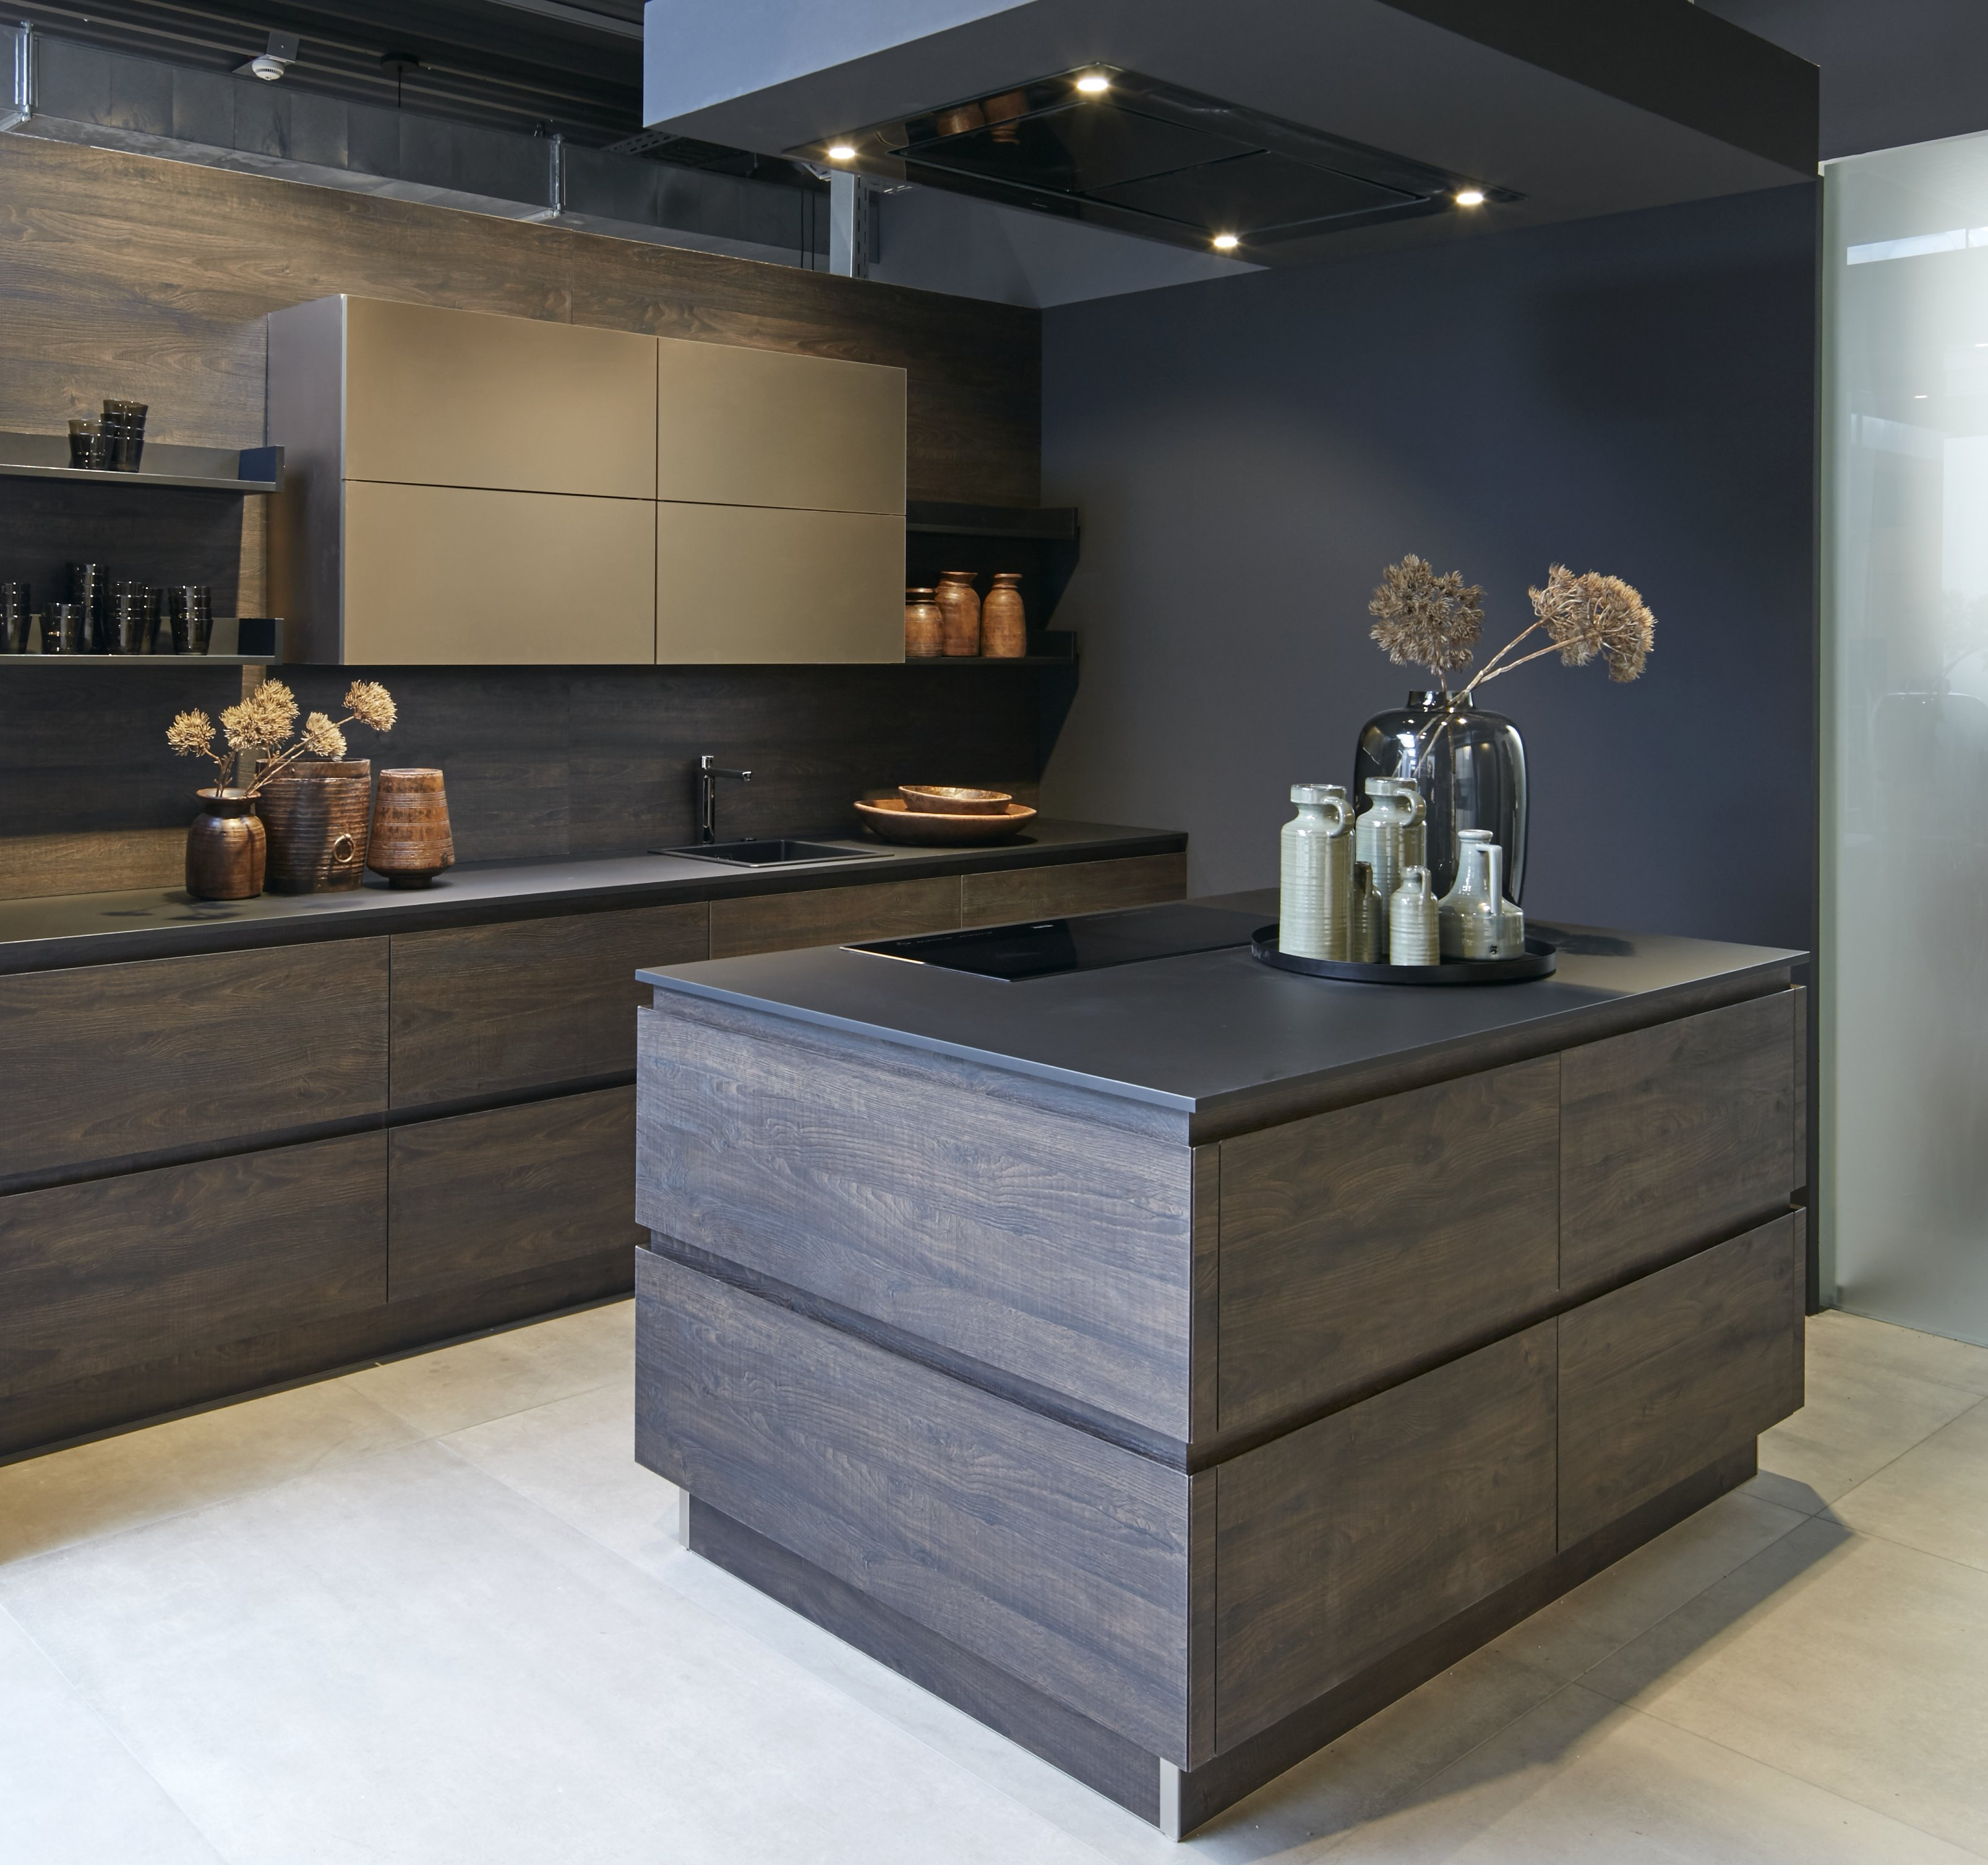 muebles de cocina premium de schroeder kuechen dekocina. Black Bedroom Furniture Sets. Home Design Ideas